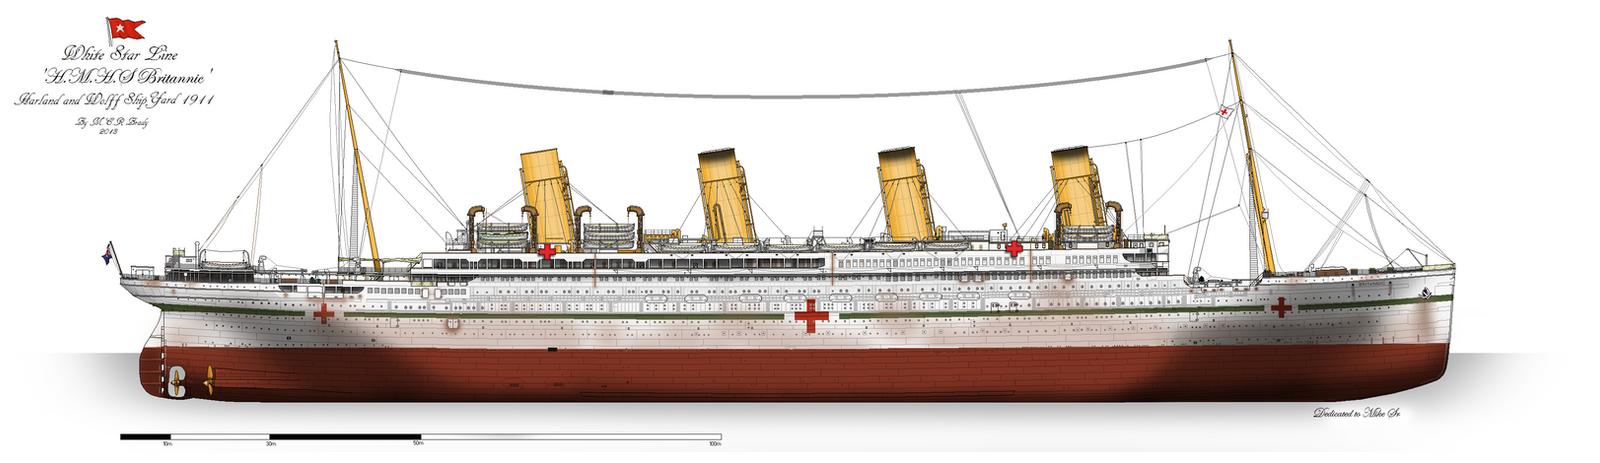 HMHS Britannic Profile 1915 By Alotef On DeviantArt